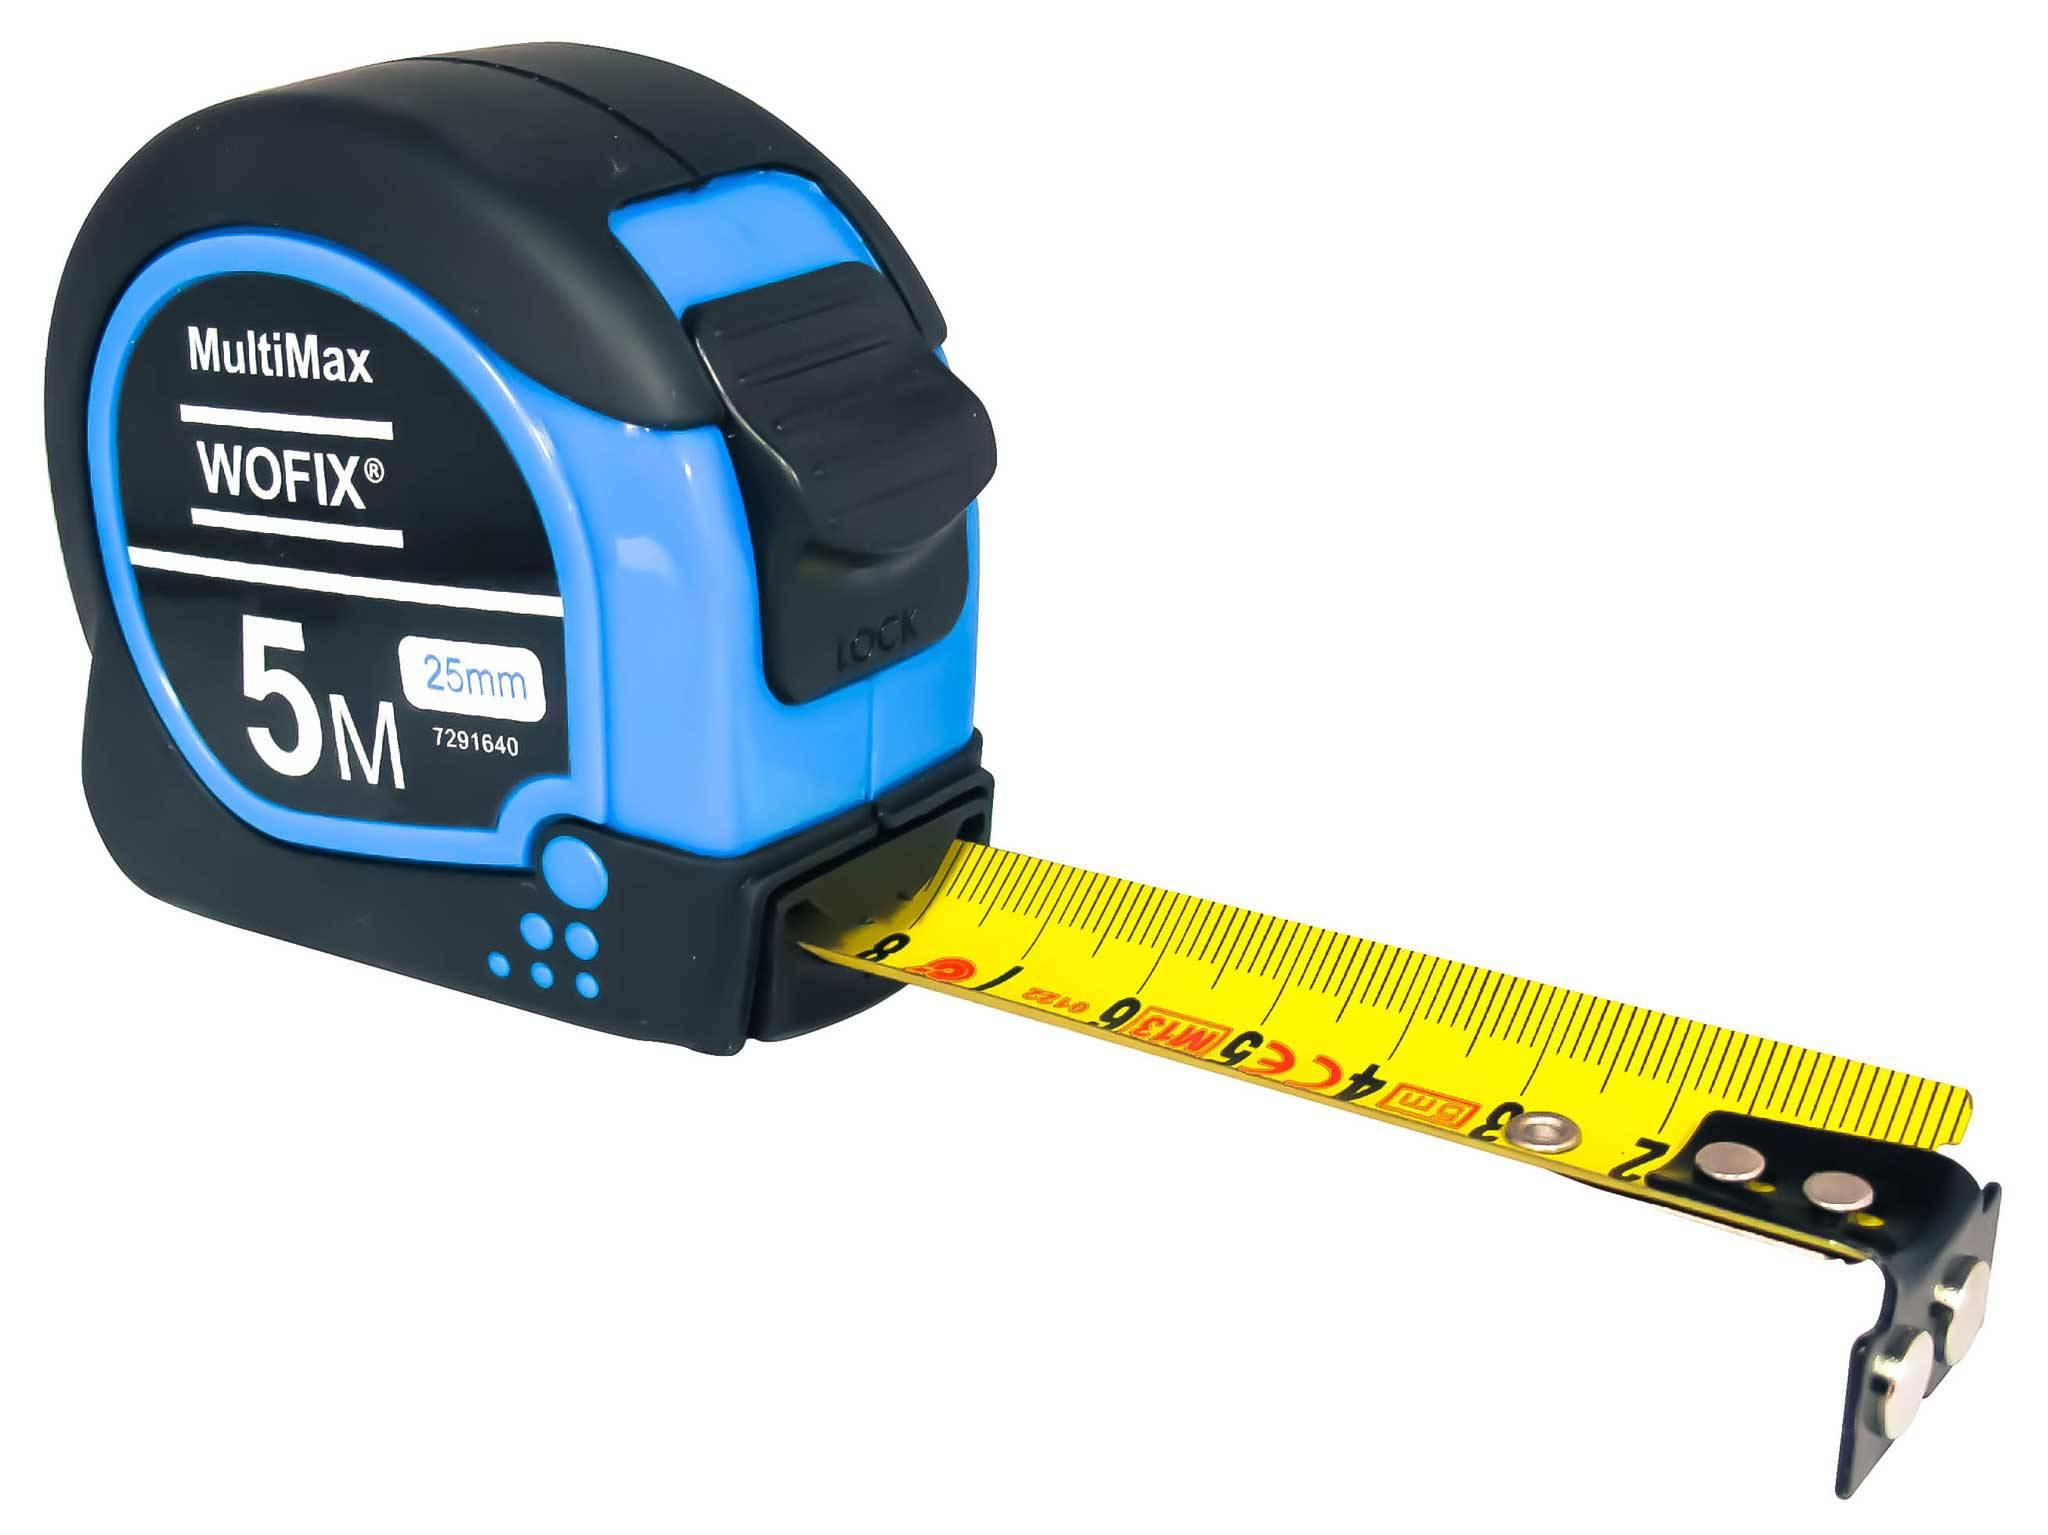 Wofix 7291640 Rolmaat MultiMax rubber met magnetisch uiteinde en gecoate stalen band 5M - bandbreedte 25mm